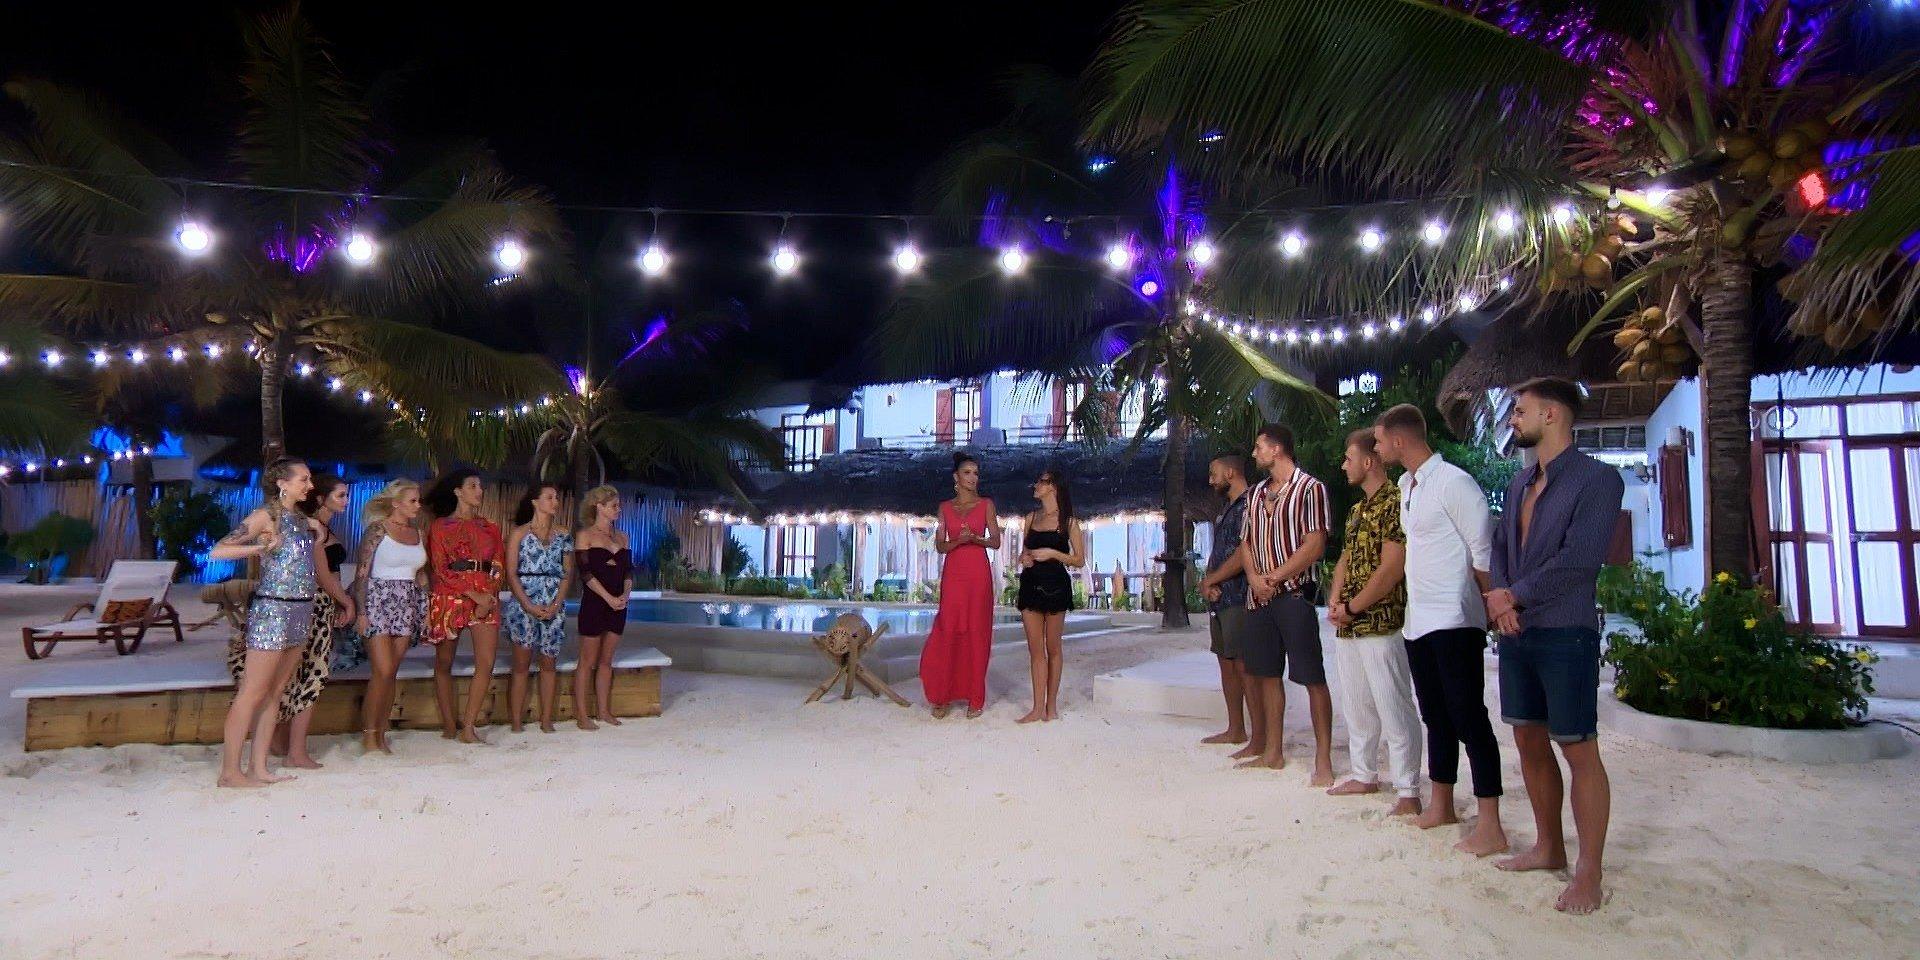 Hotel Paradise 3: zapowiedź odcinka 8